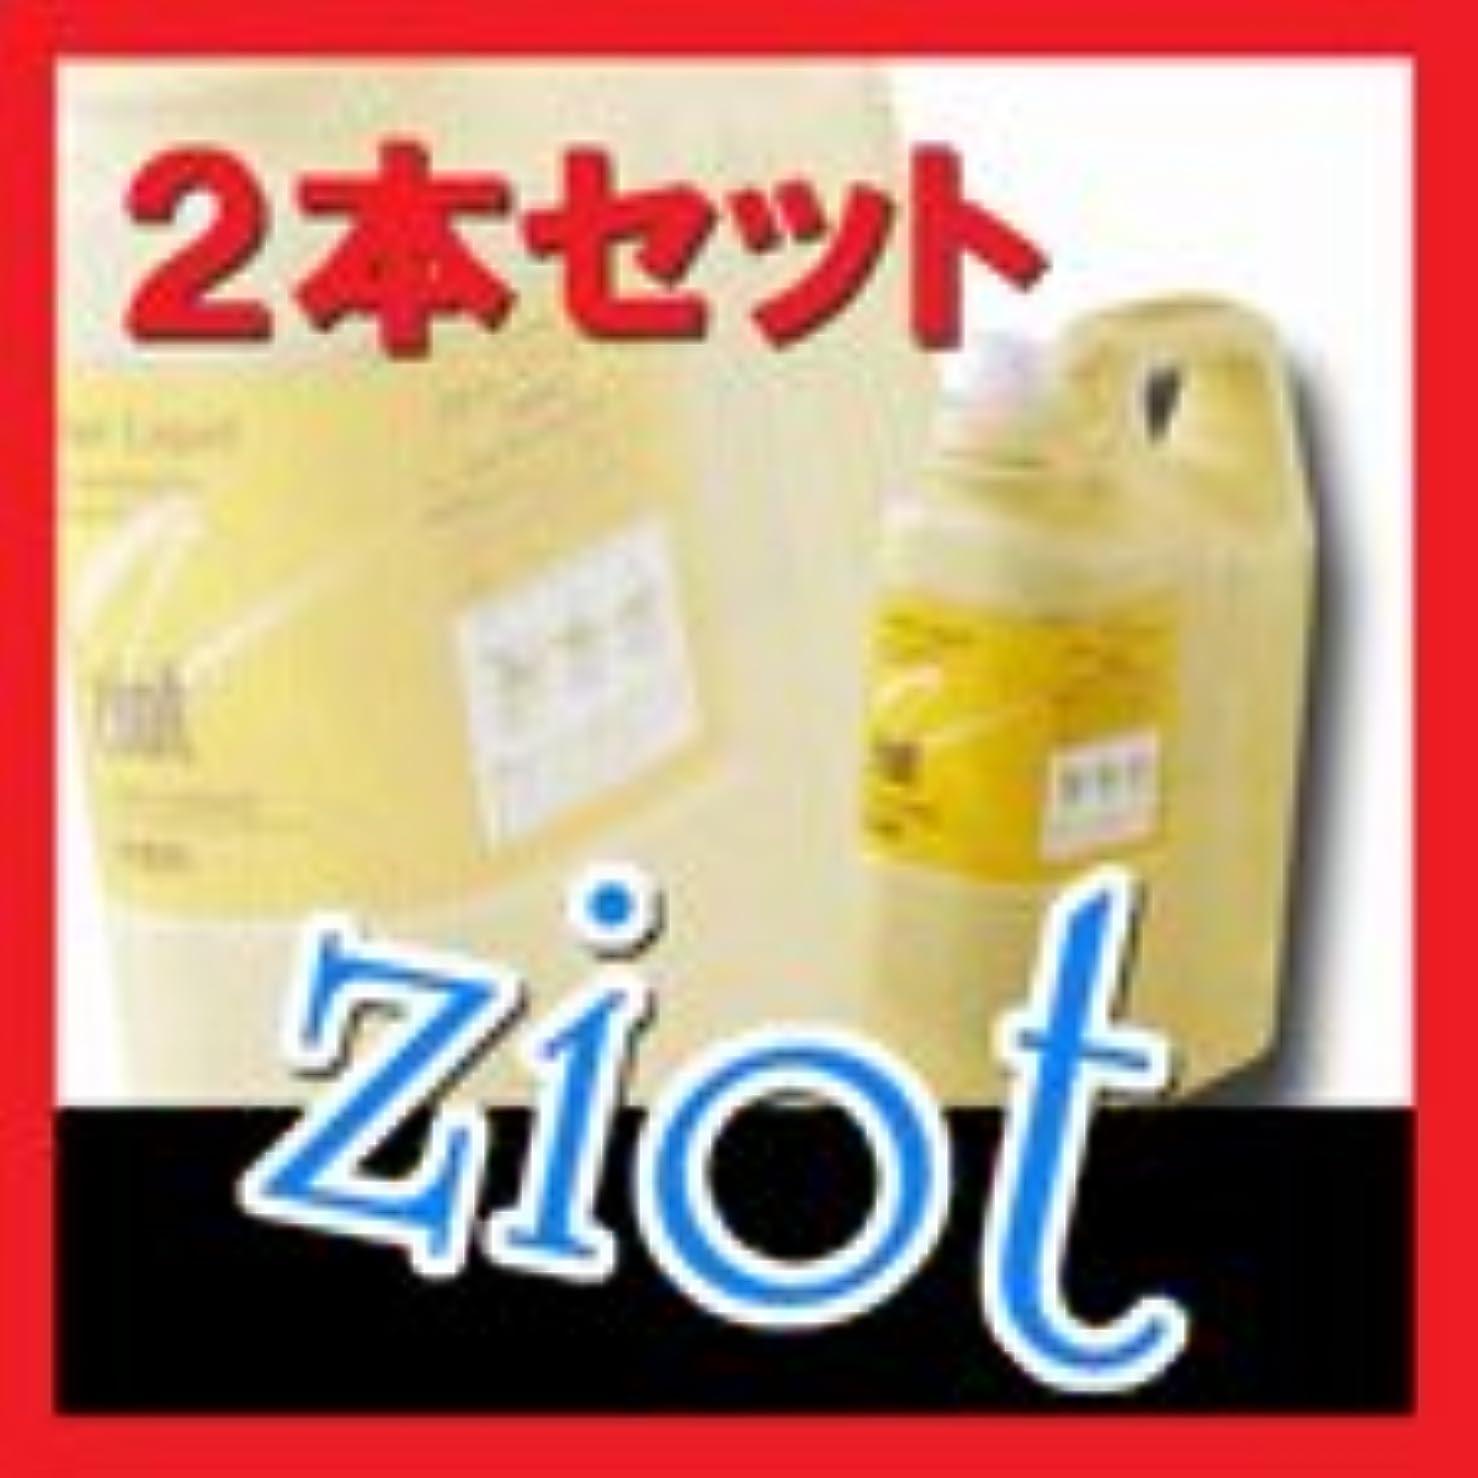 尽きるストレージダムクラシエ ZIOT ジオット ヘアー リクイド 2000ml ×2本 お徳用サイズ